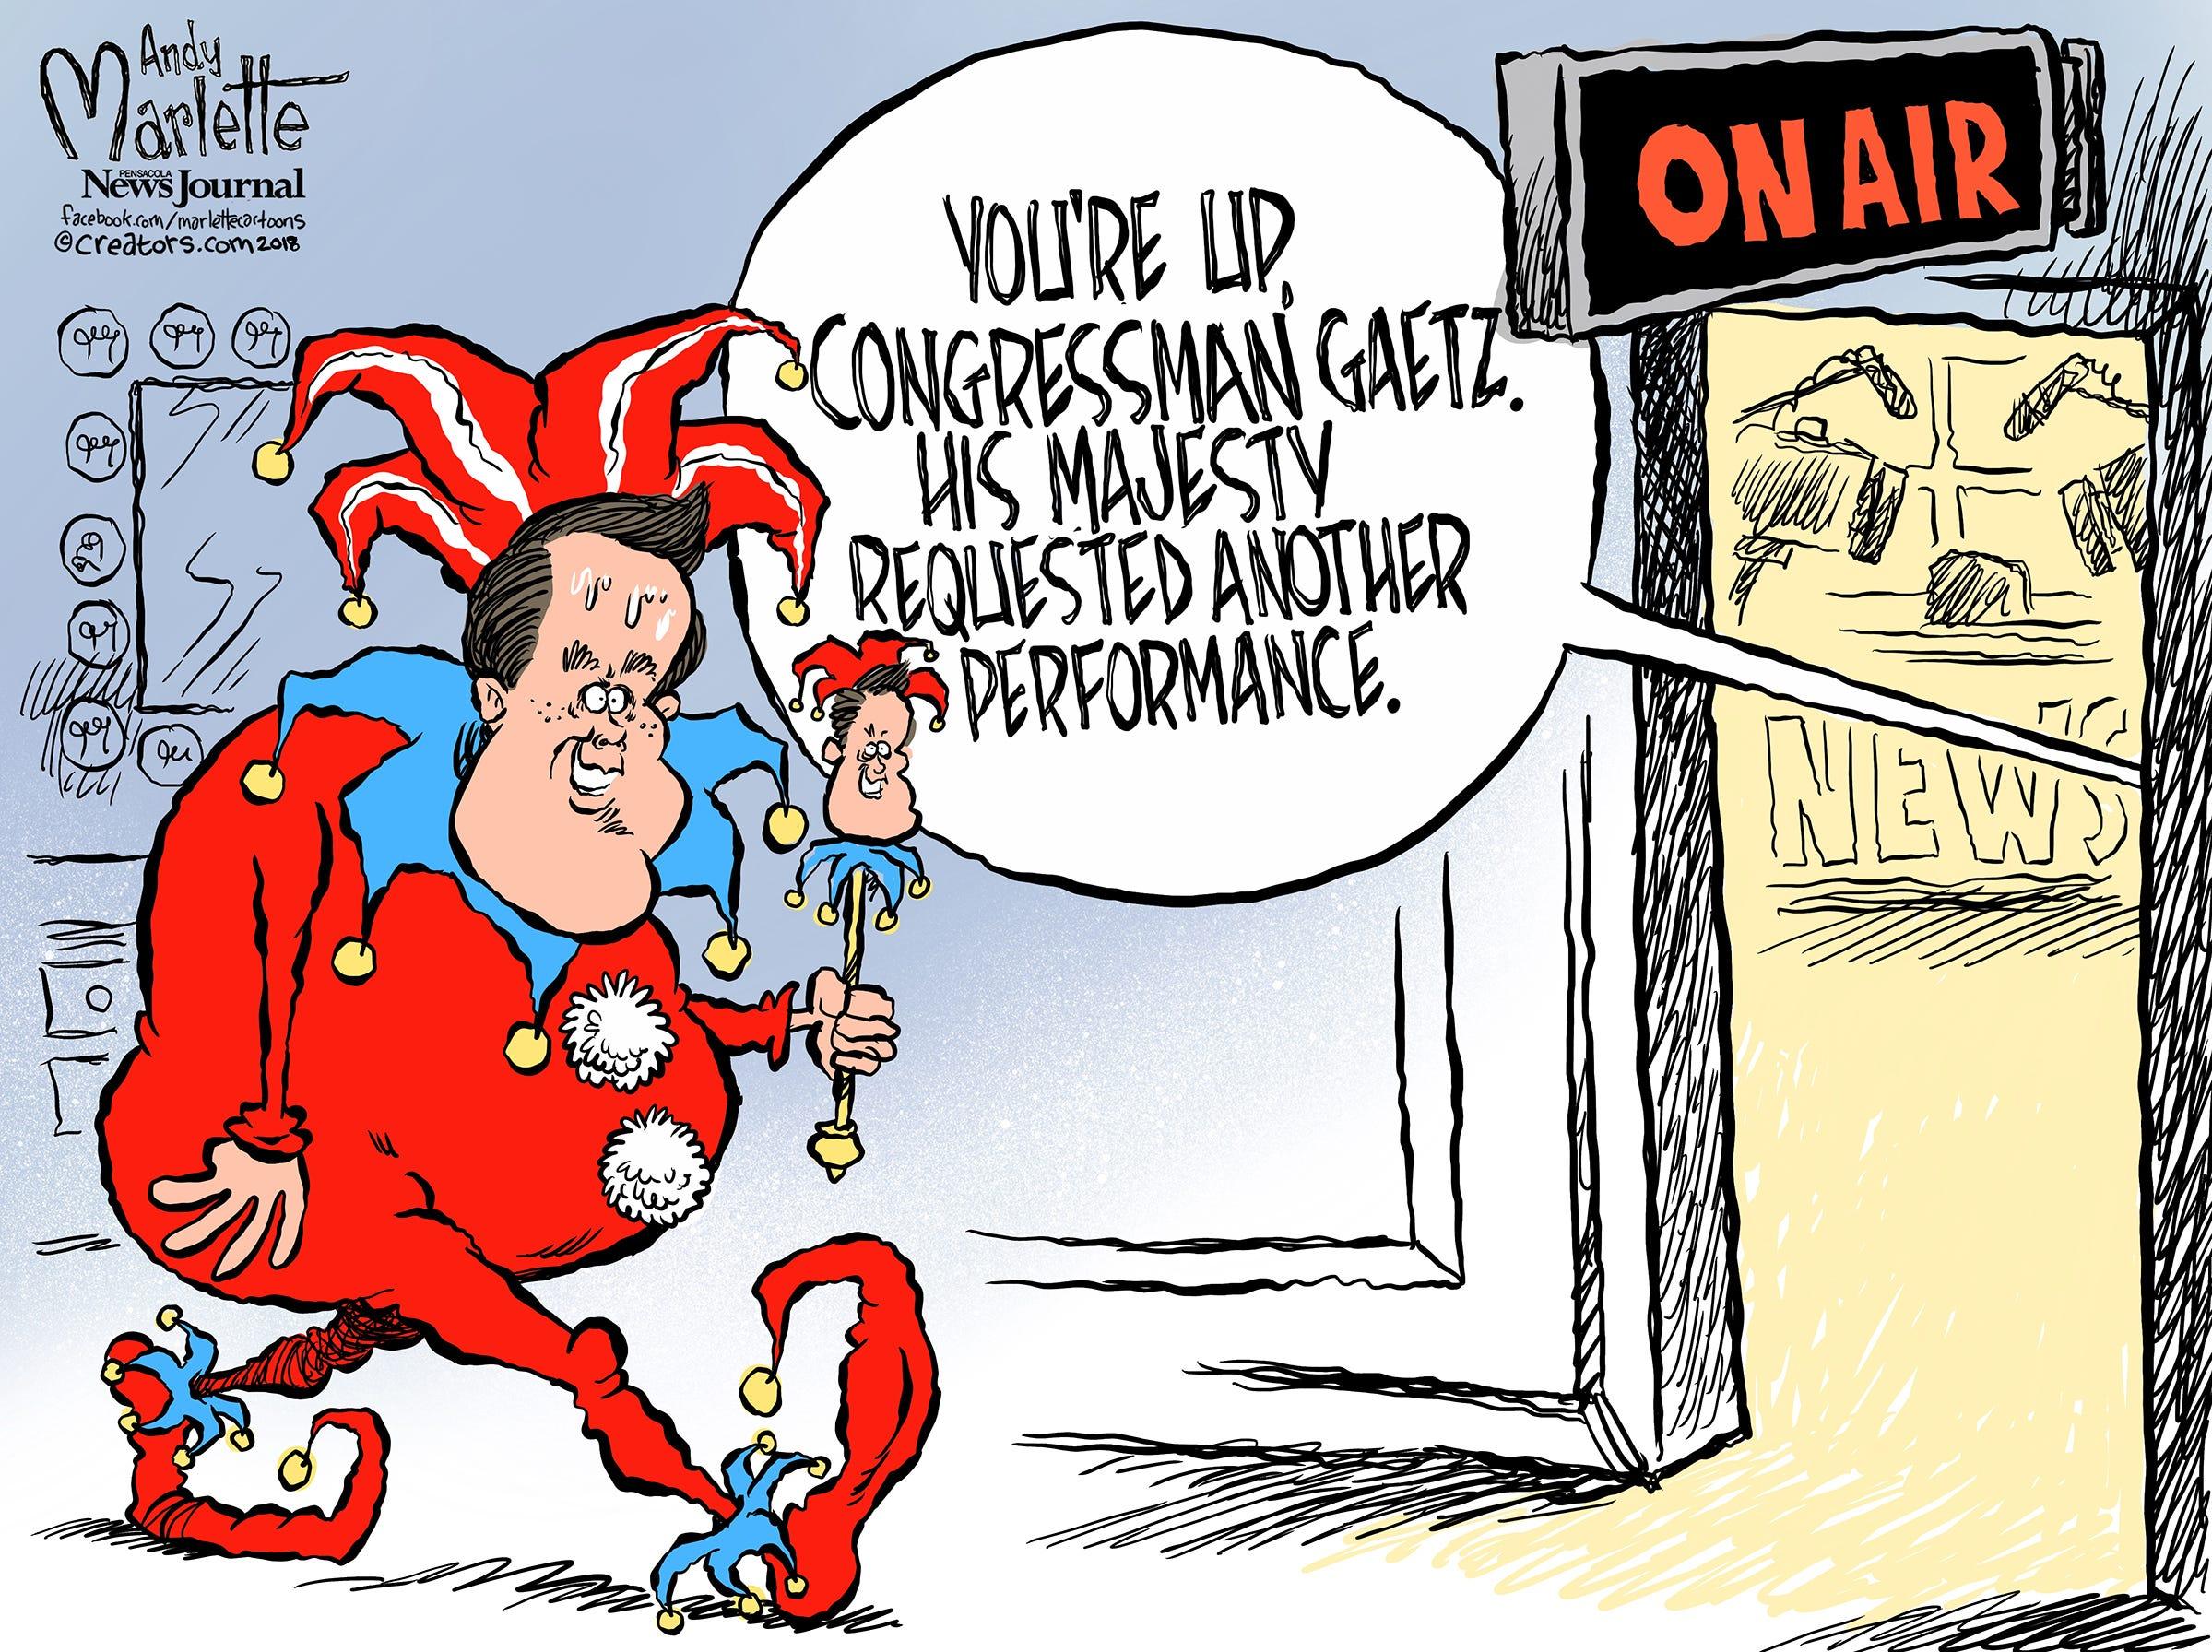 Matt Gaetz: The Cartoon Congressman!